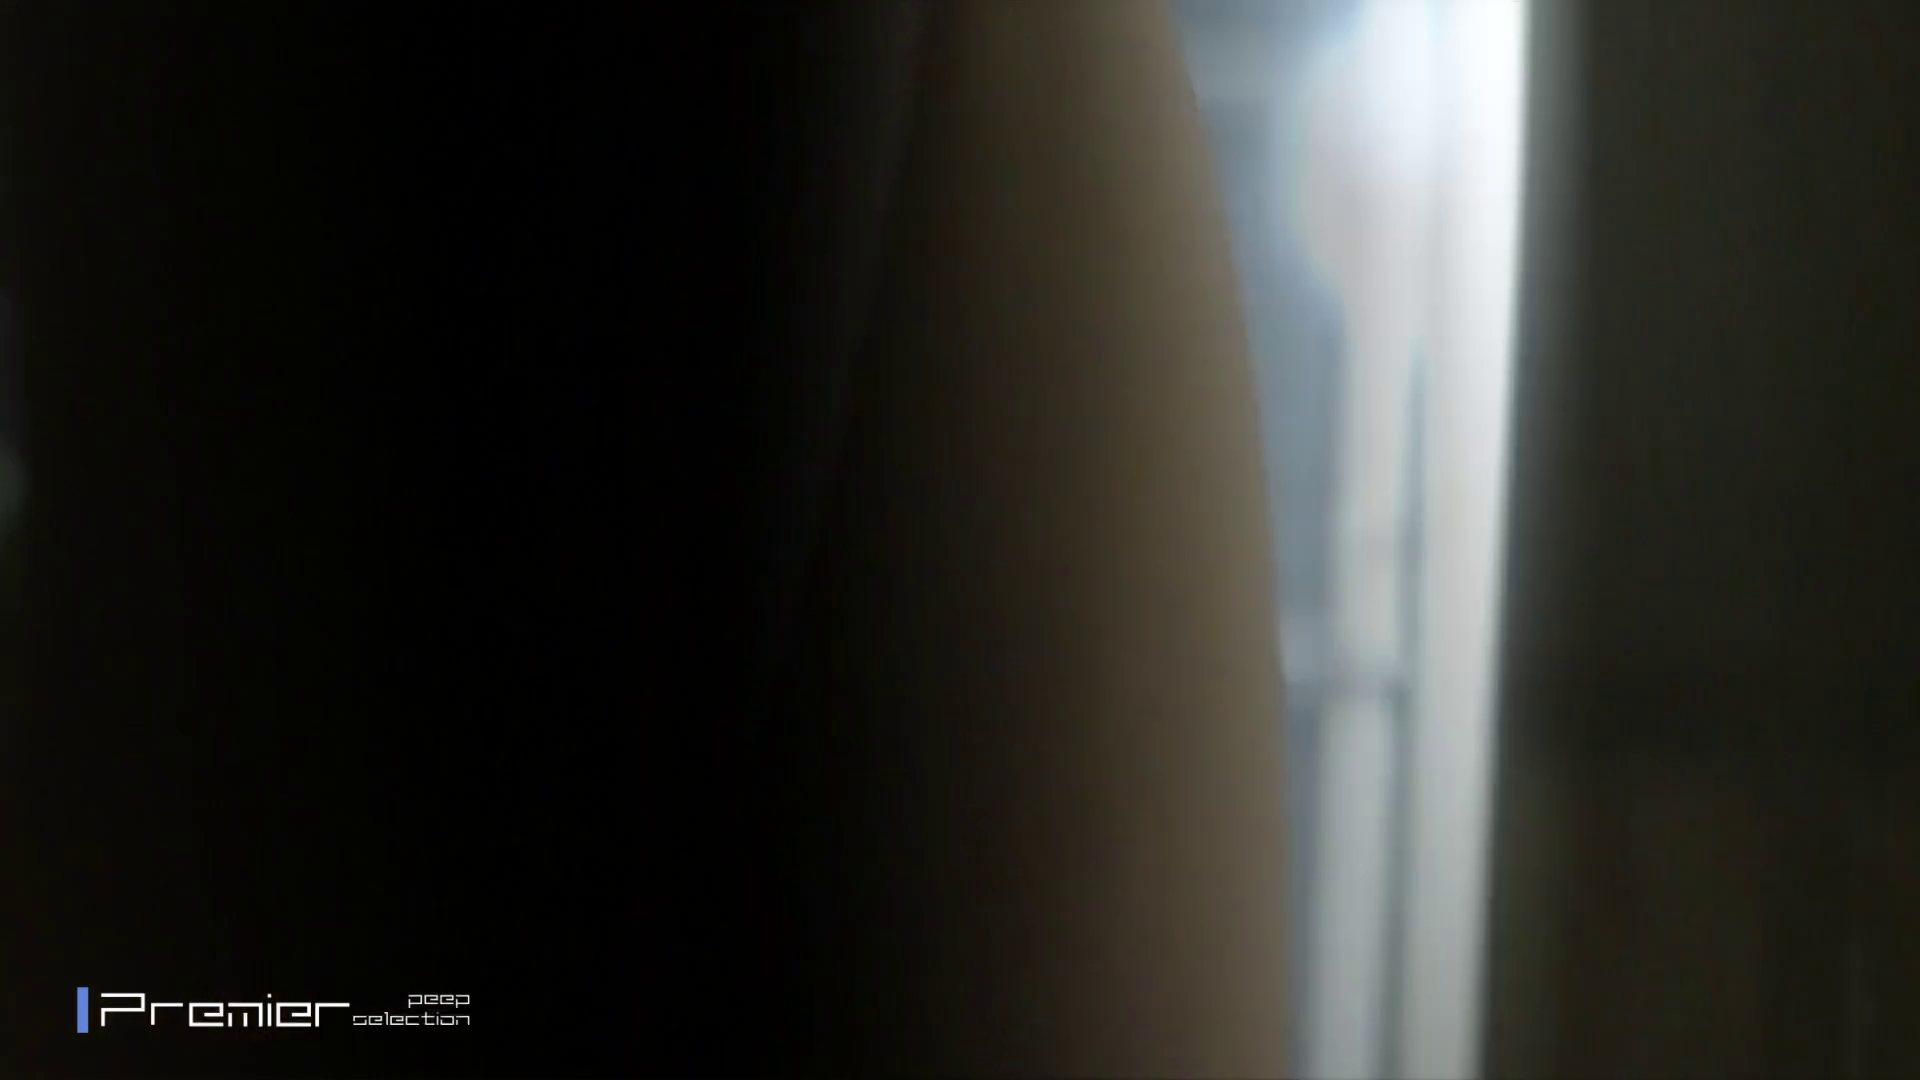 再生38分!マン毛剛毛超絶美女の私生活 美女達の私生活に潜入! 潜入エロ調査 | 高画質  78連発 51